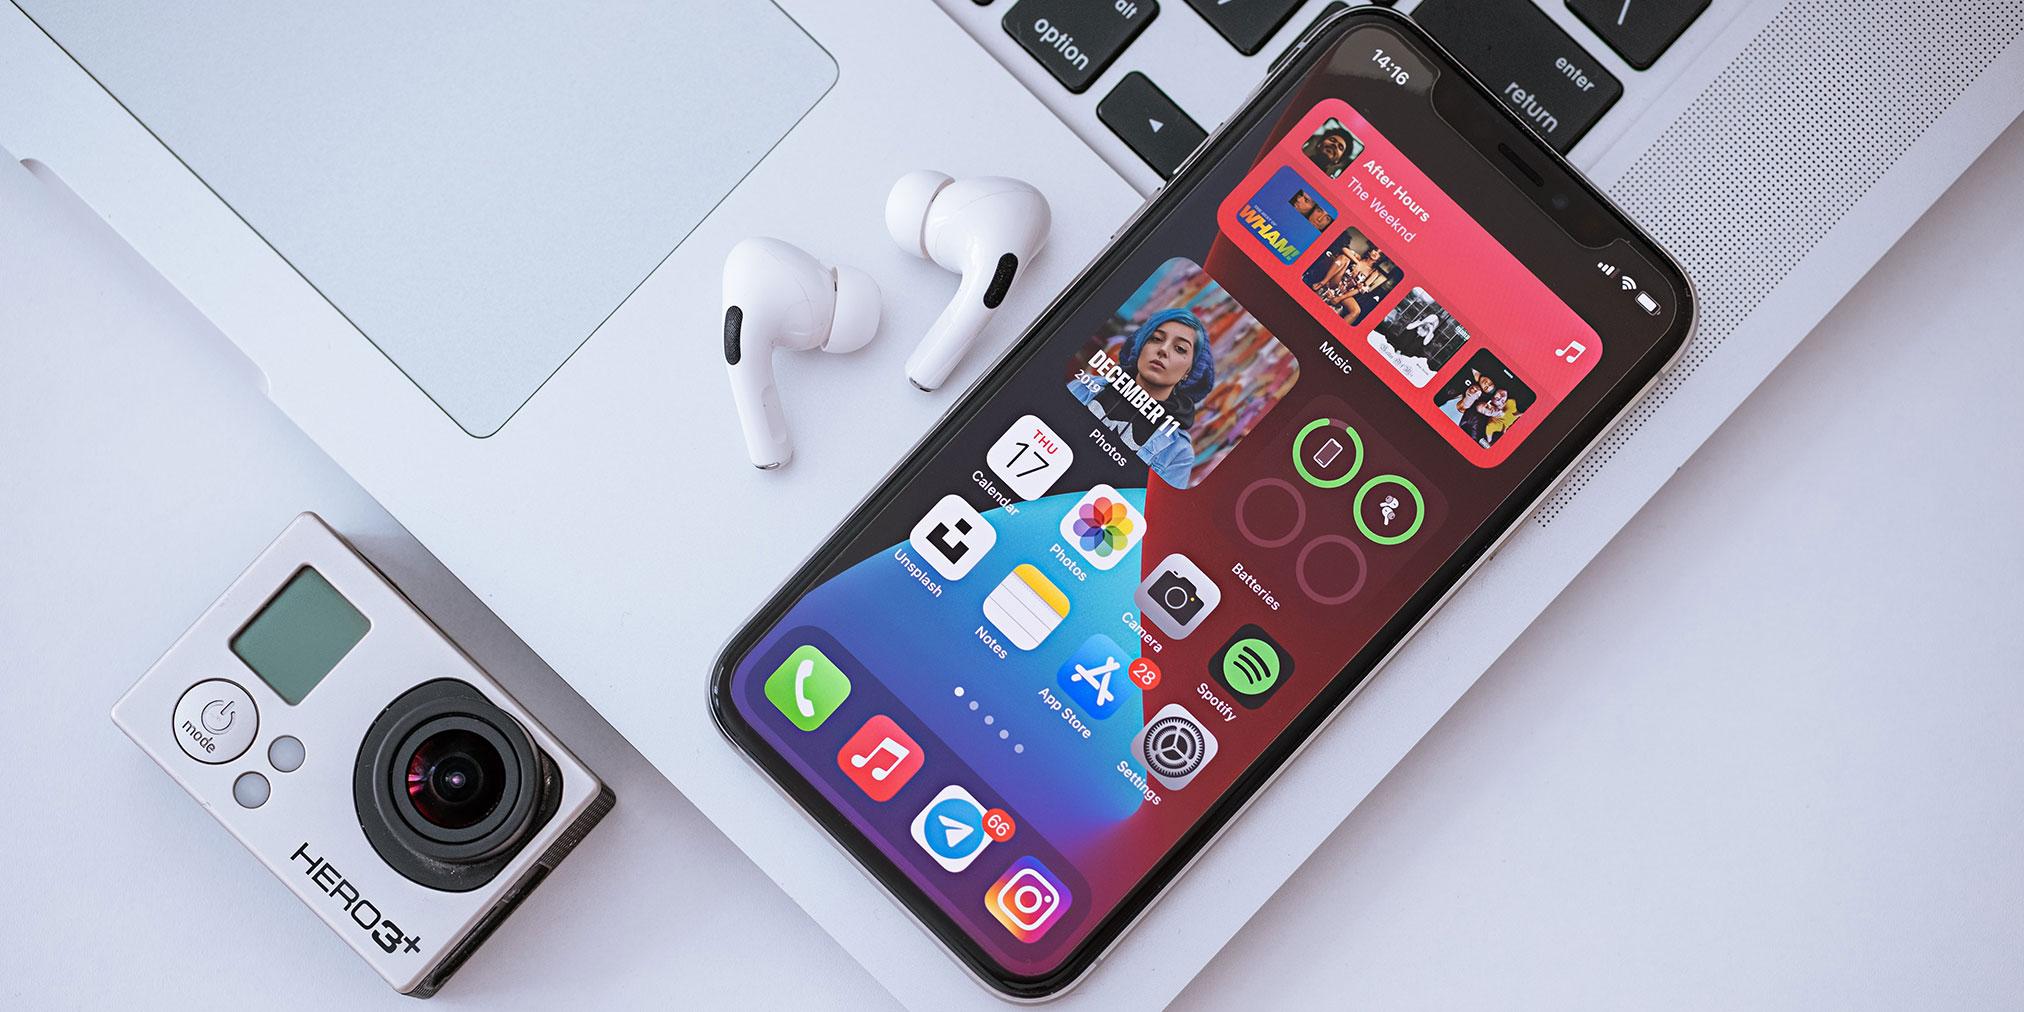 The top five homescreen widget apps have been installed on 15% of U.S. iPhones